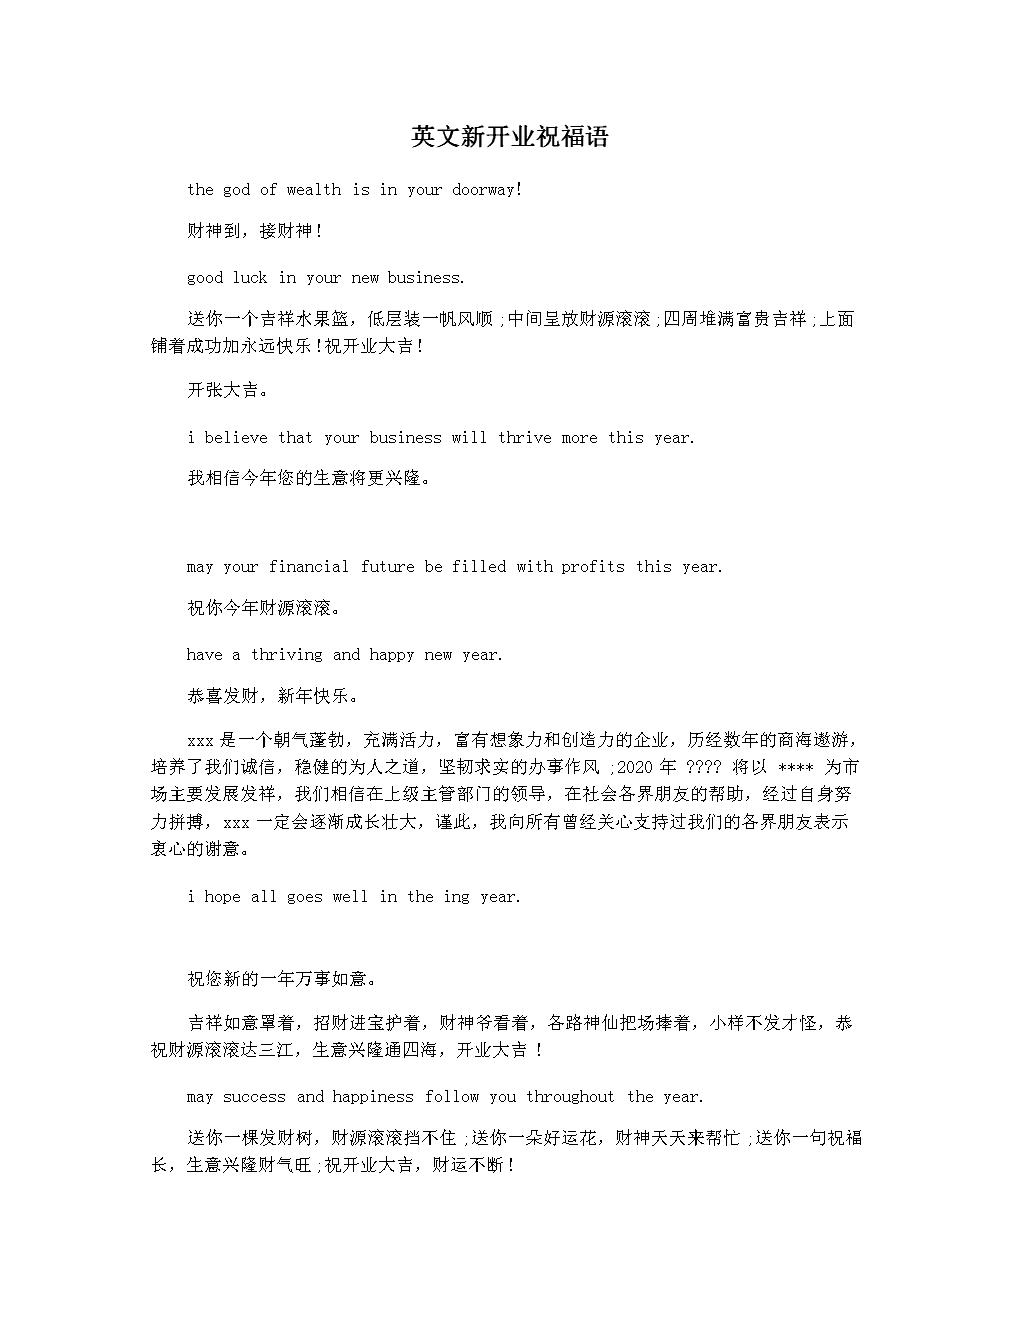 英文新开业祝福语.docx